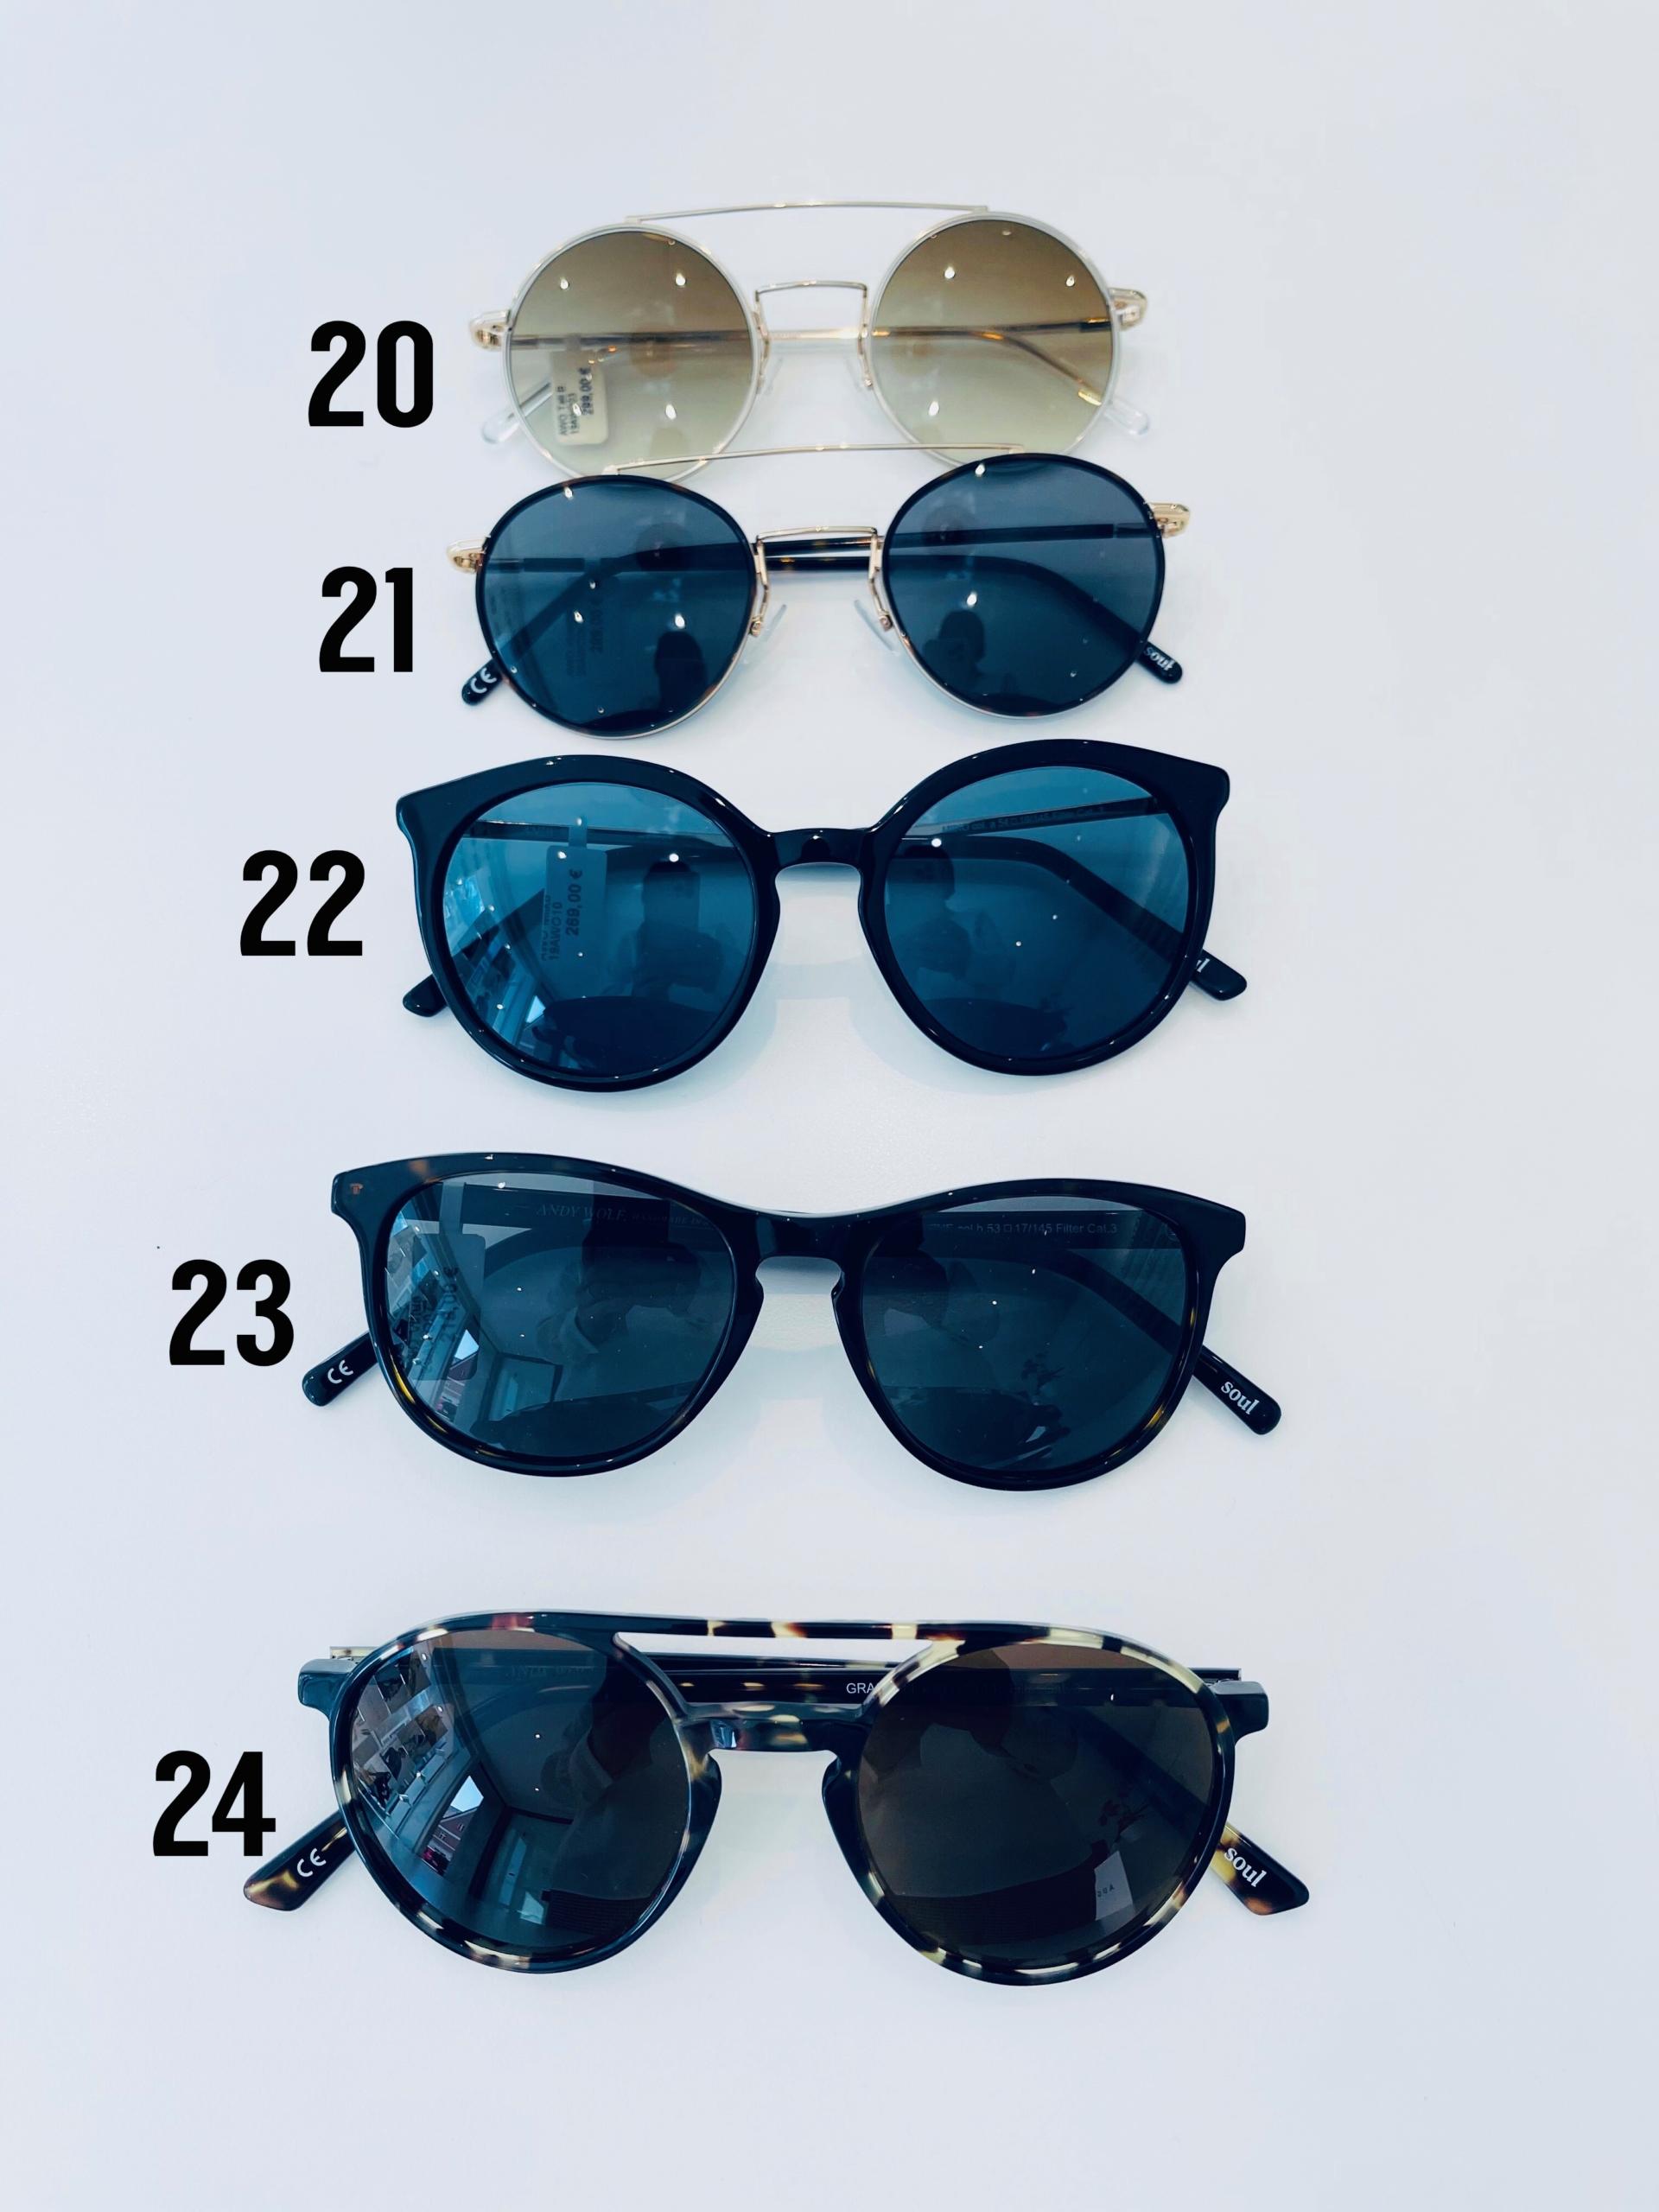 Optiker Augensache Brille Sonnenbrille Friedberg_31032021_5